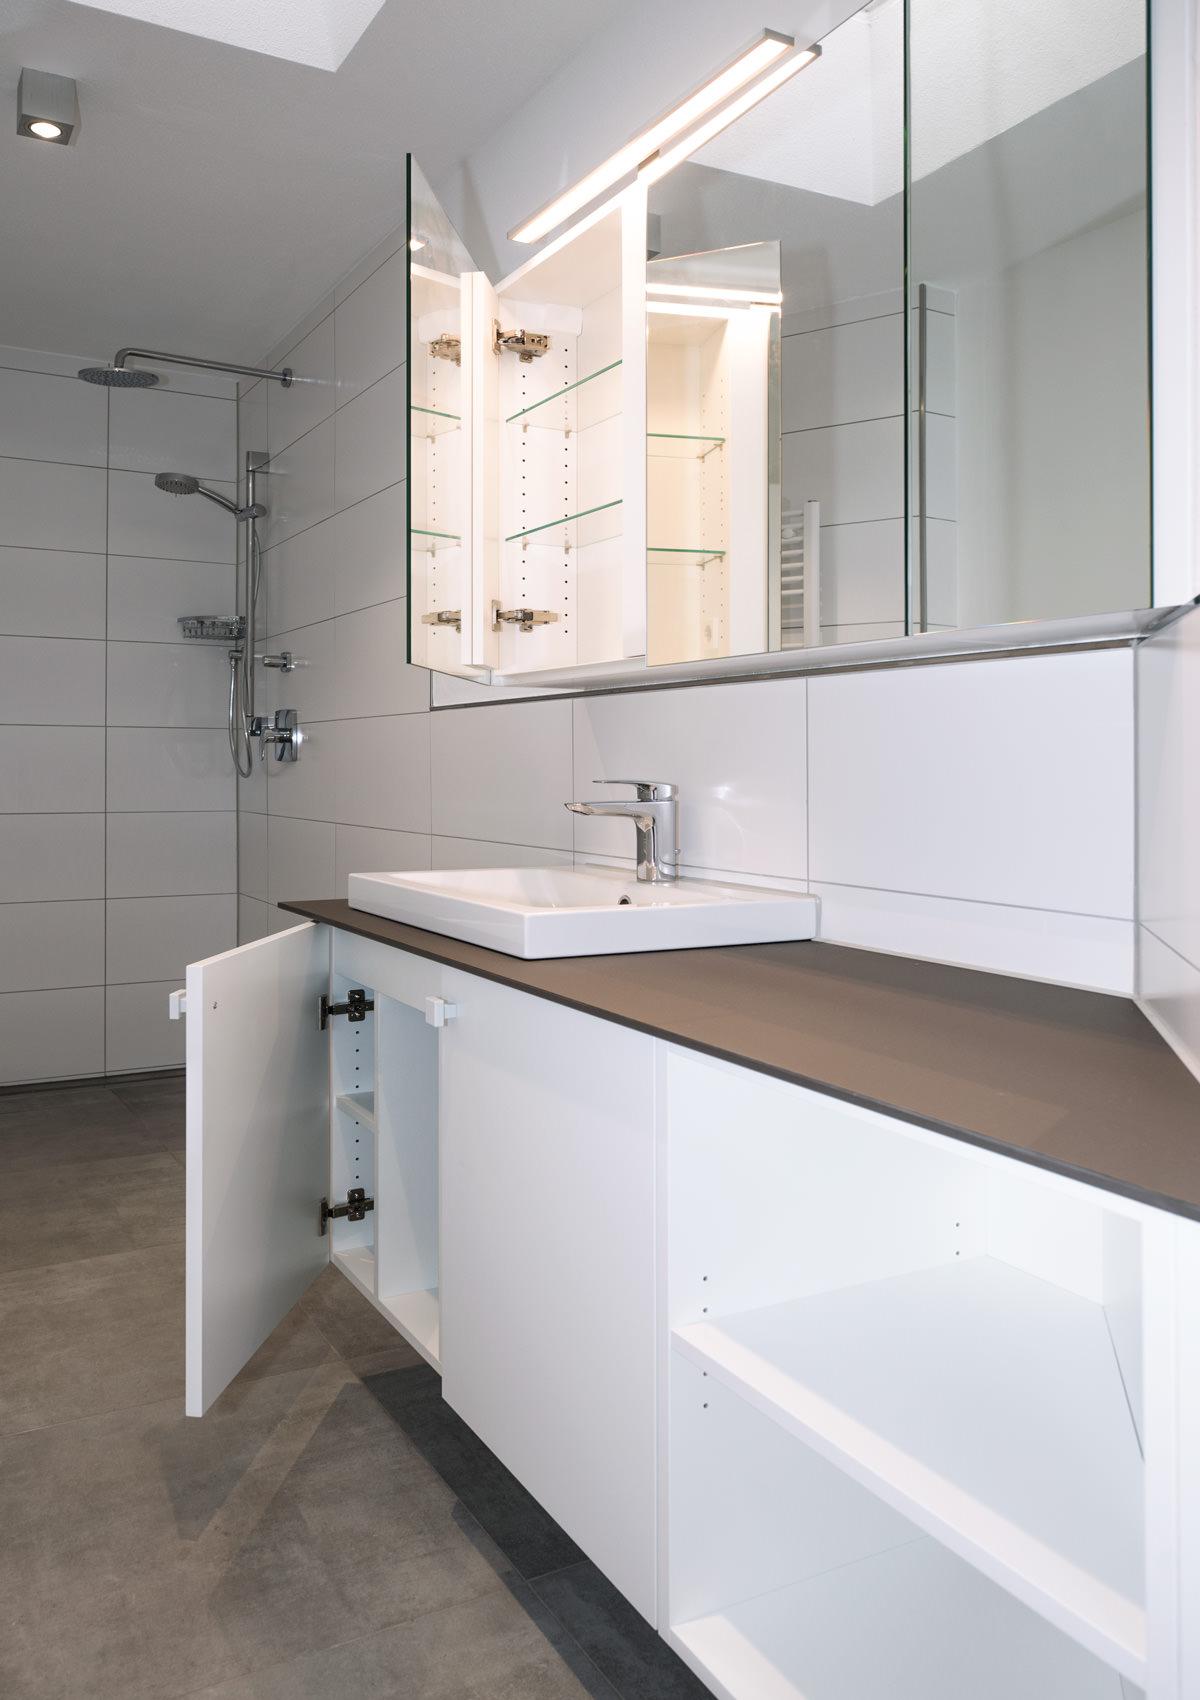 Einbau Schrankwand Badezimmer Mit Spiegelschrank 2016 11 24T16:18:31+00:00